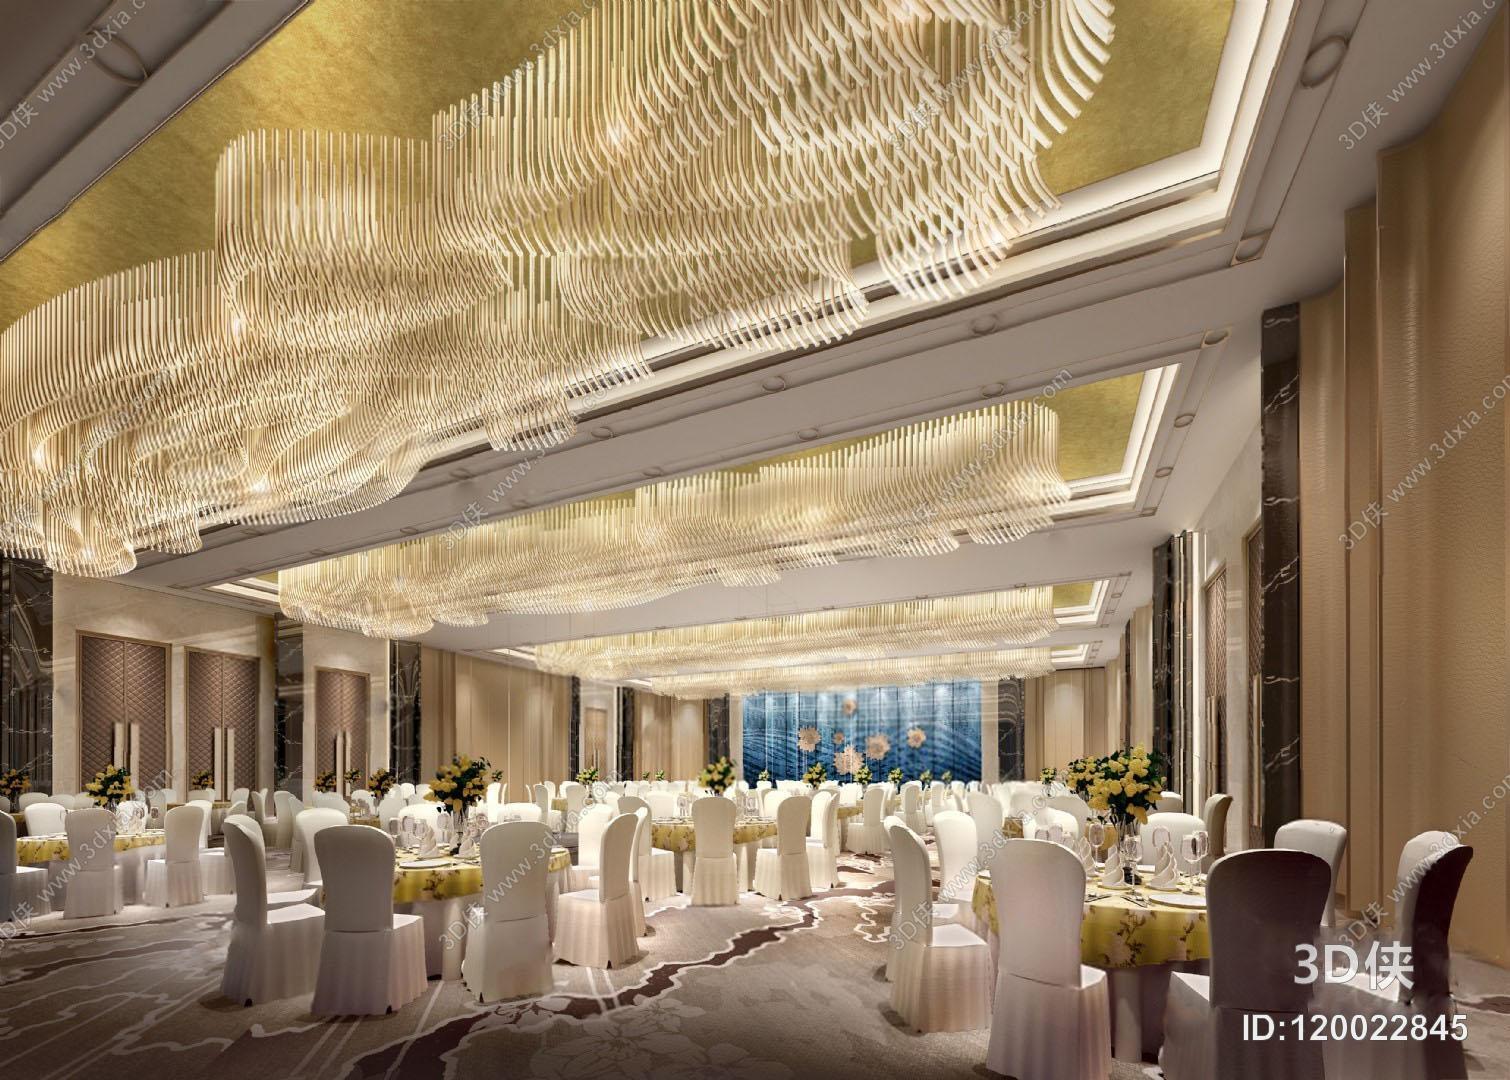 2010,建议使用3dmax 2012 软件打开,该经典欧式酒店宴会厅图片素材